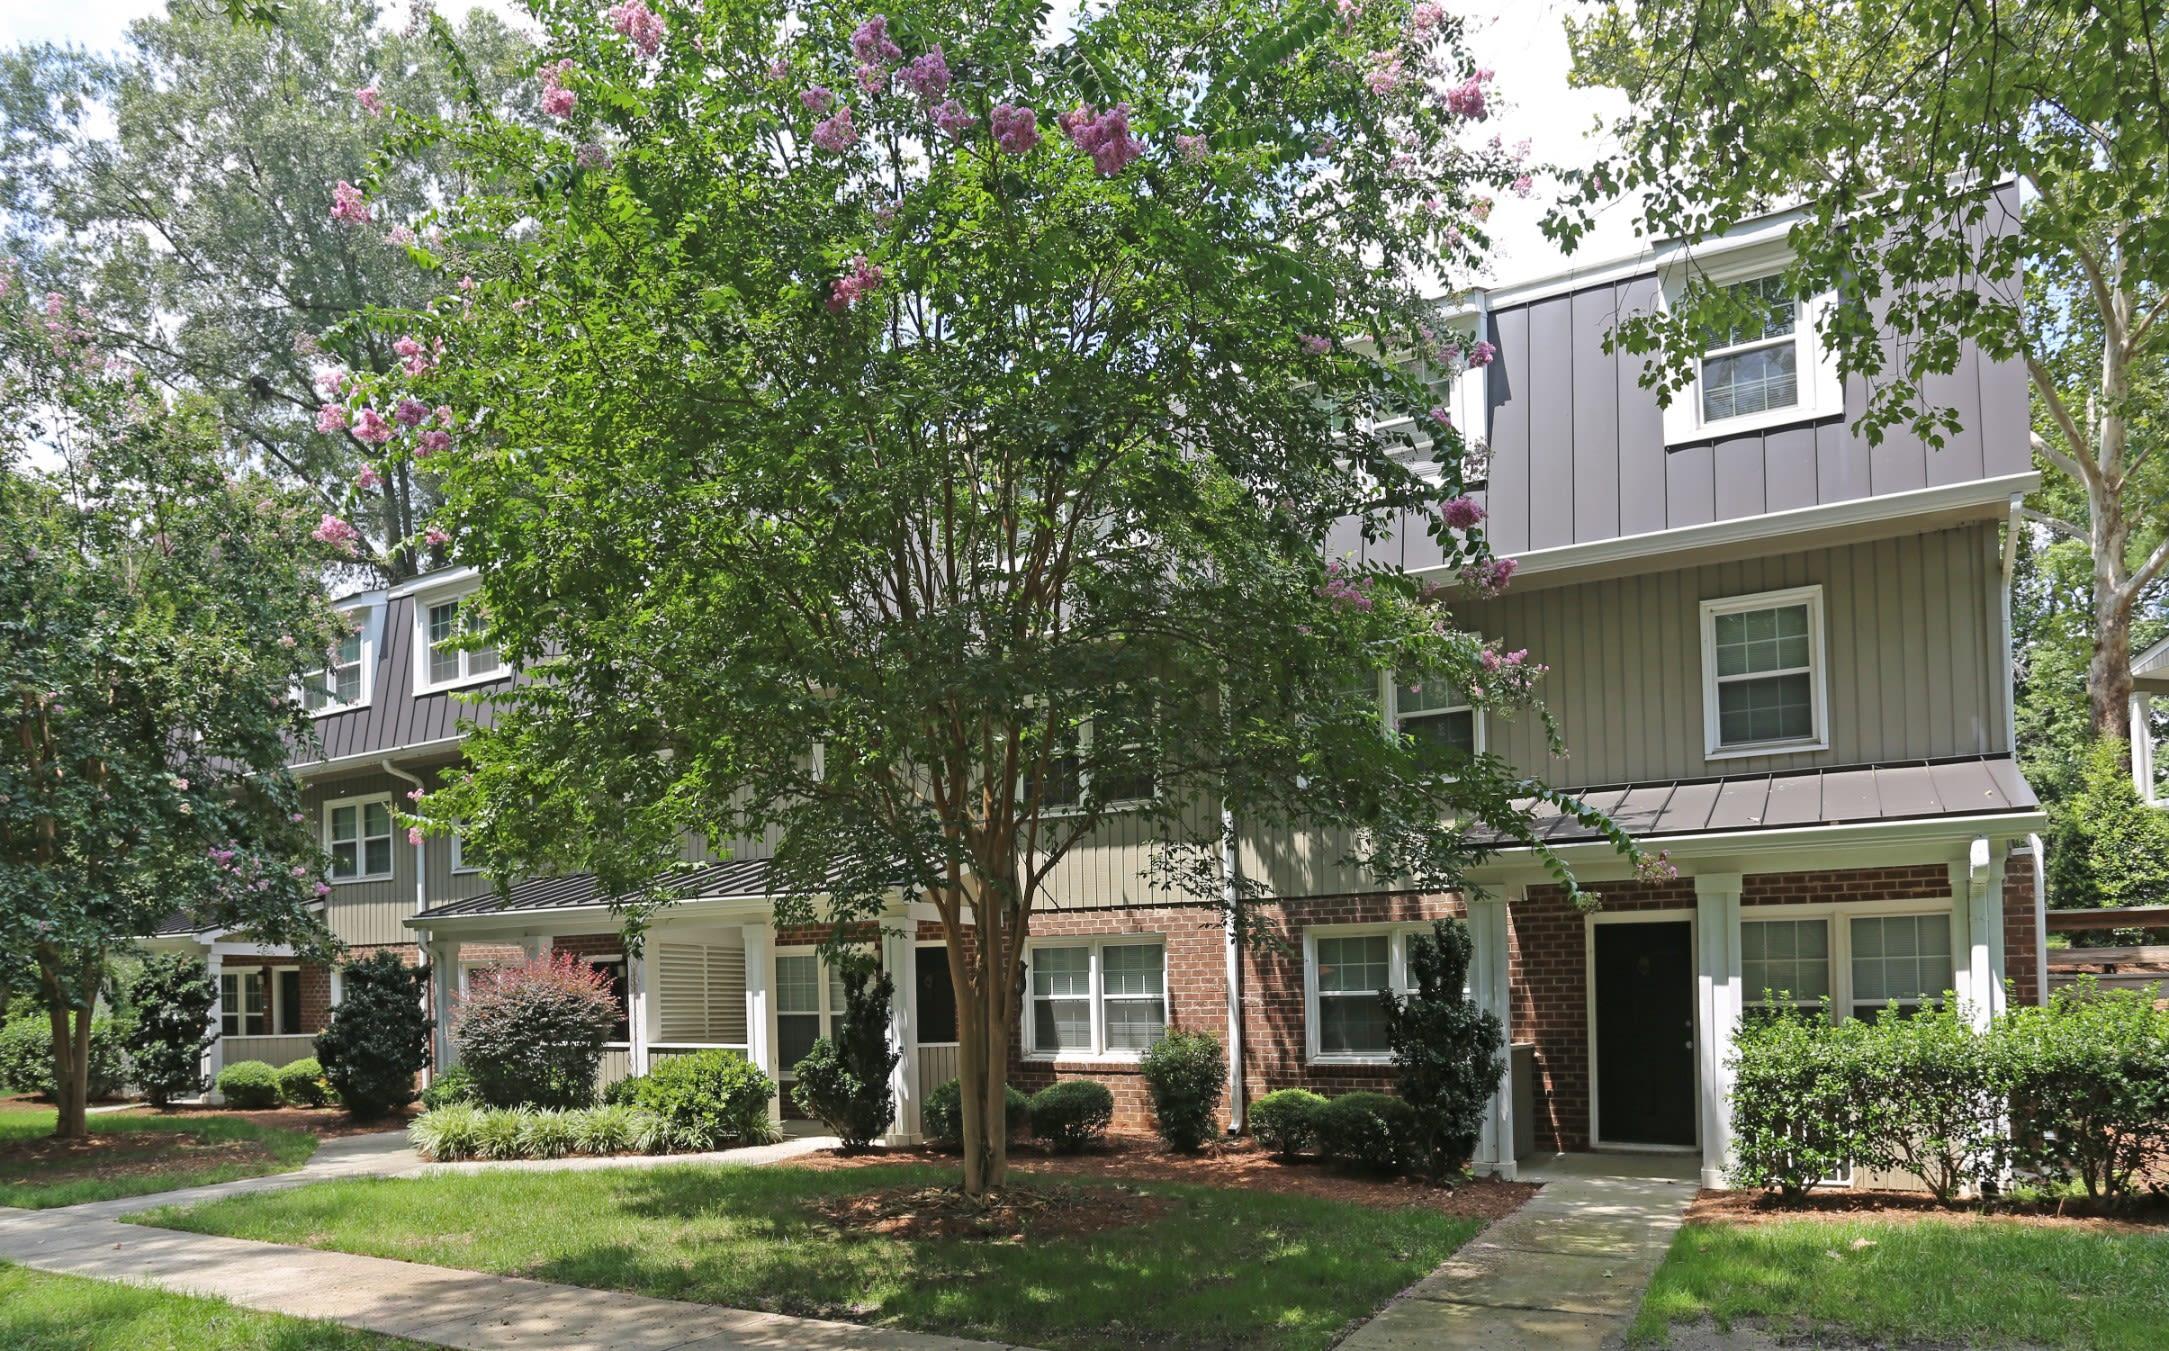 Building Exterior at Greensboro, NC Apartments